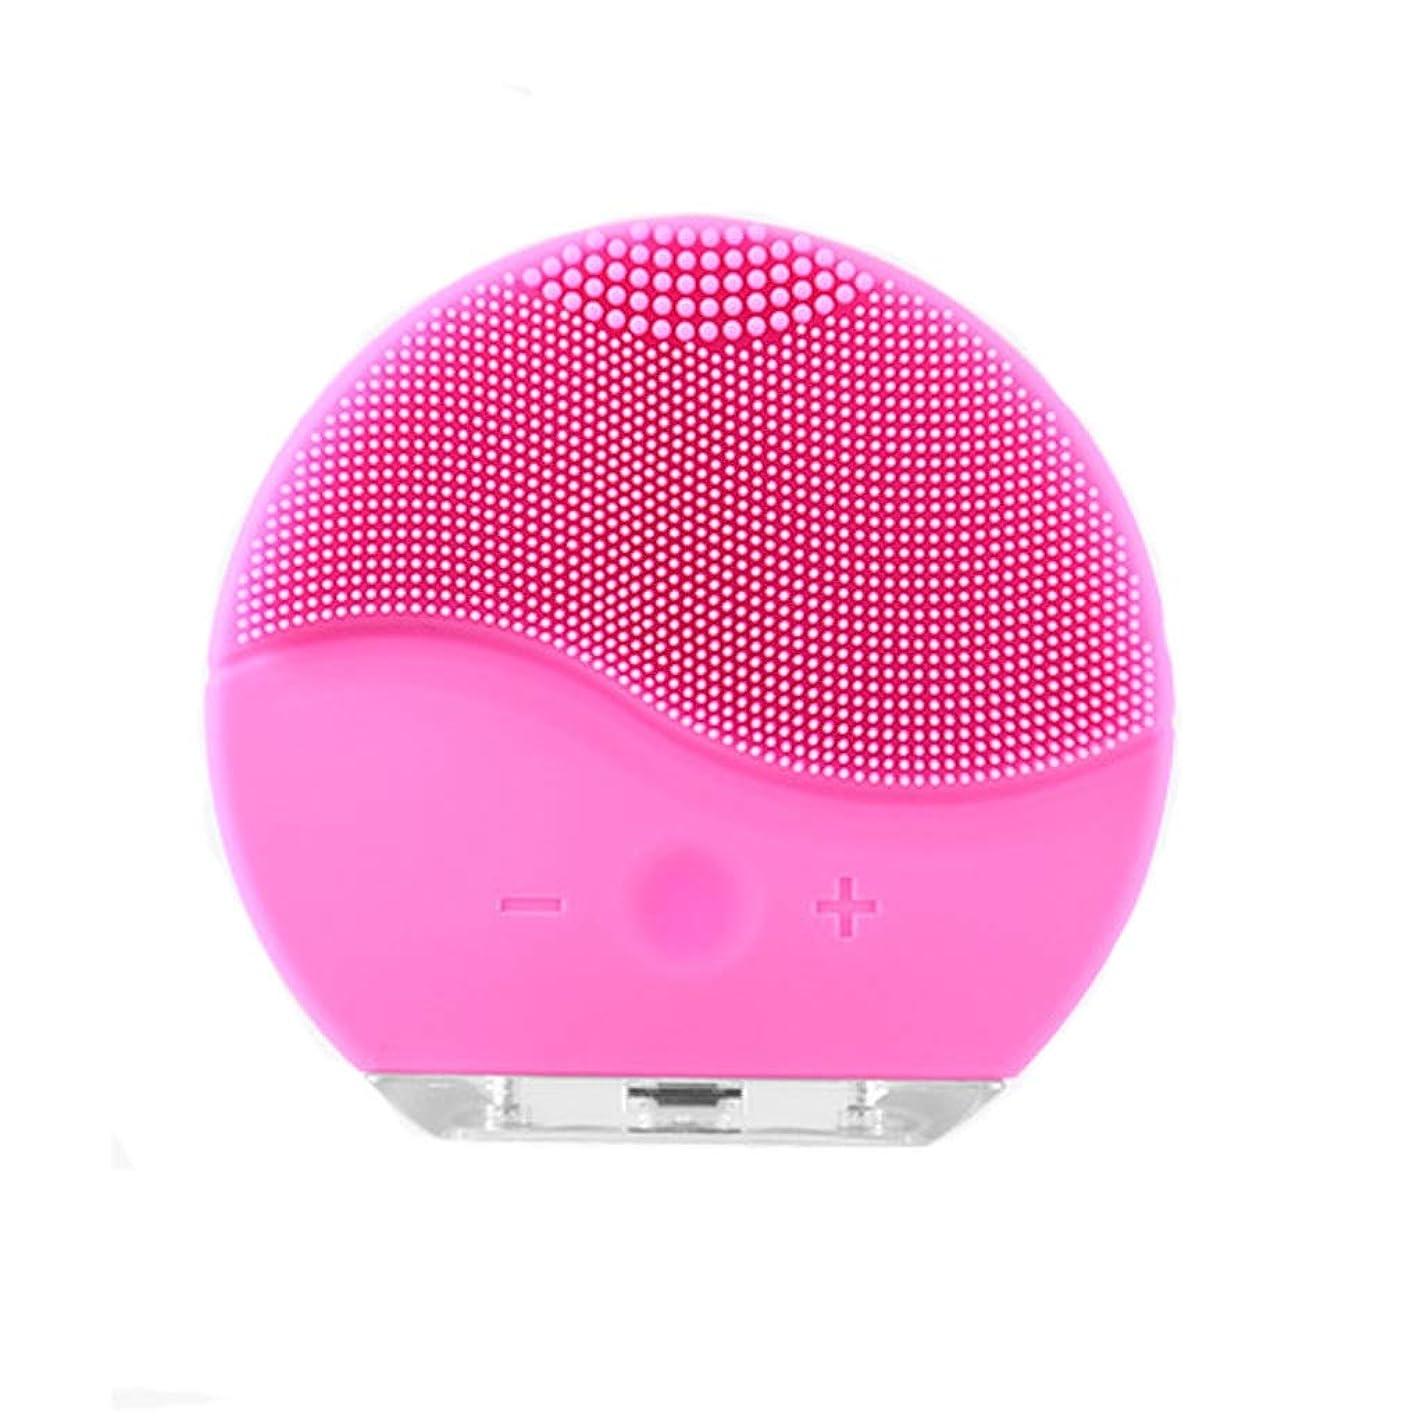 父方の速度回復する洗濯フェイスアーティファクト家庭用電化製品洗浄シリコーン電気洗浄器具usb充電防水美容器具洗浄ブラシ (Color : Pink)